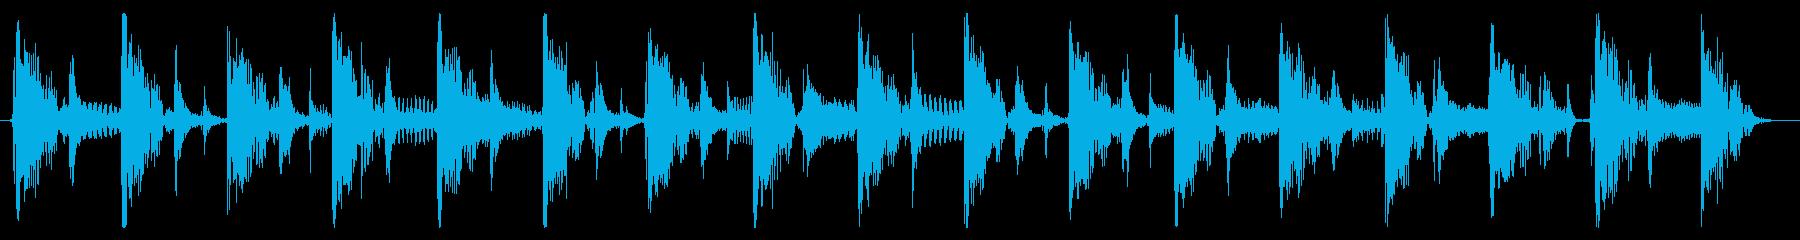 ベース生演奏のクールスラップジングル02の再生済みの波形